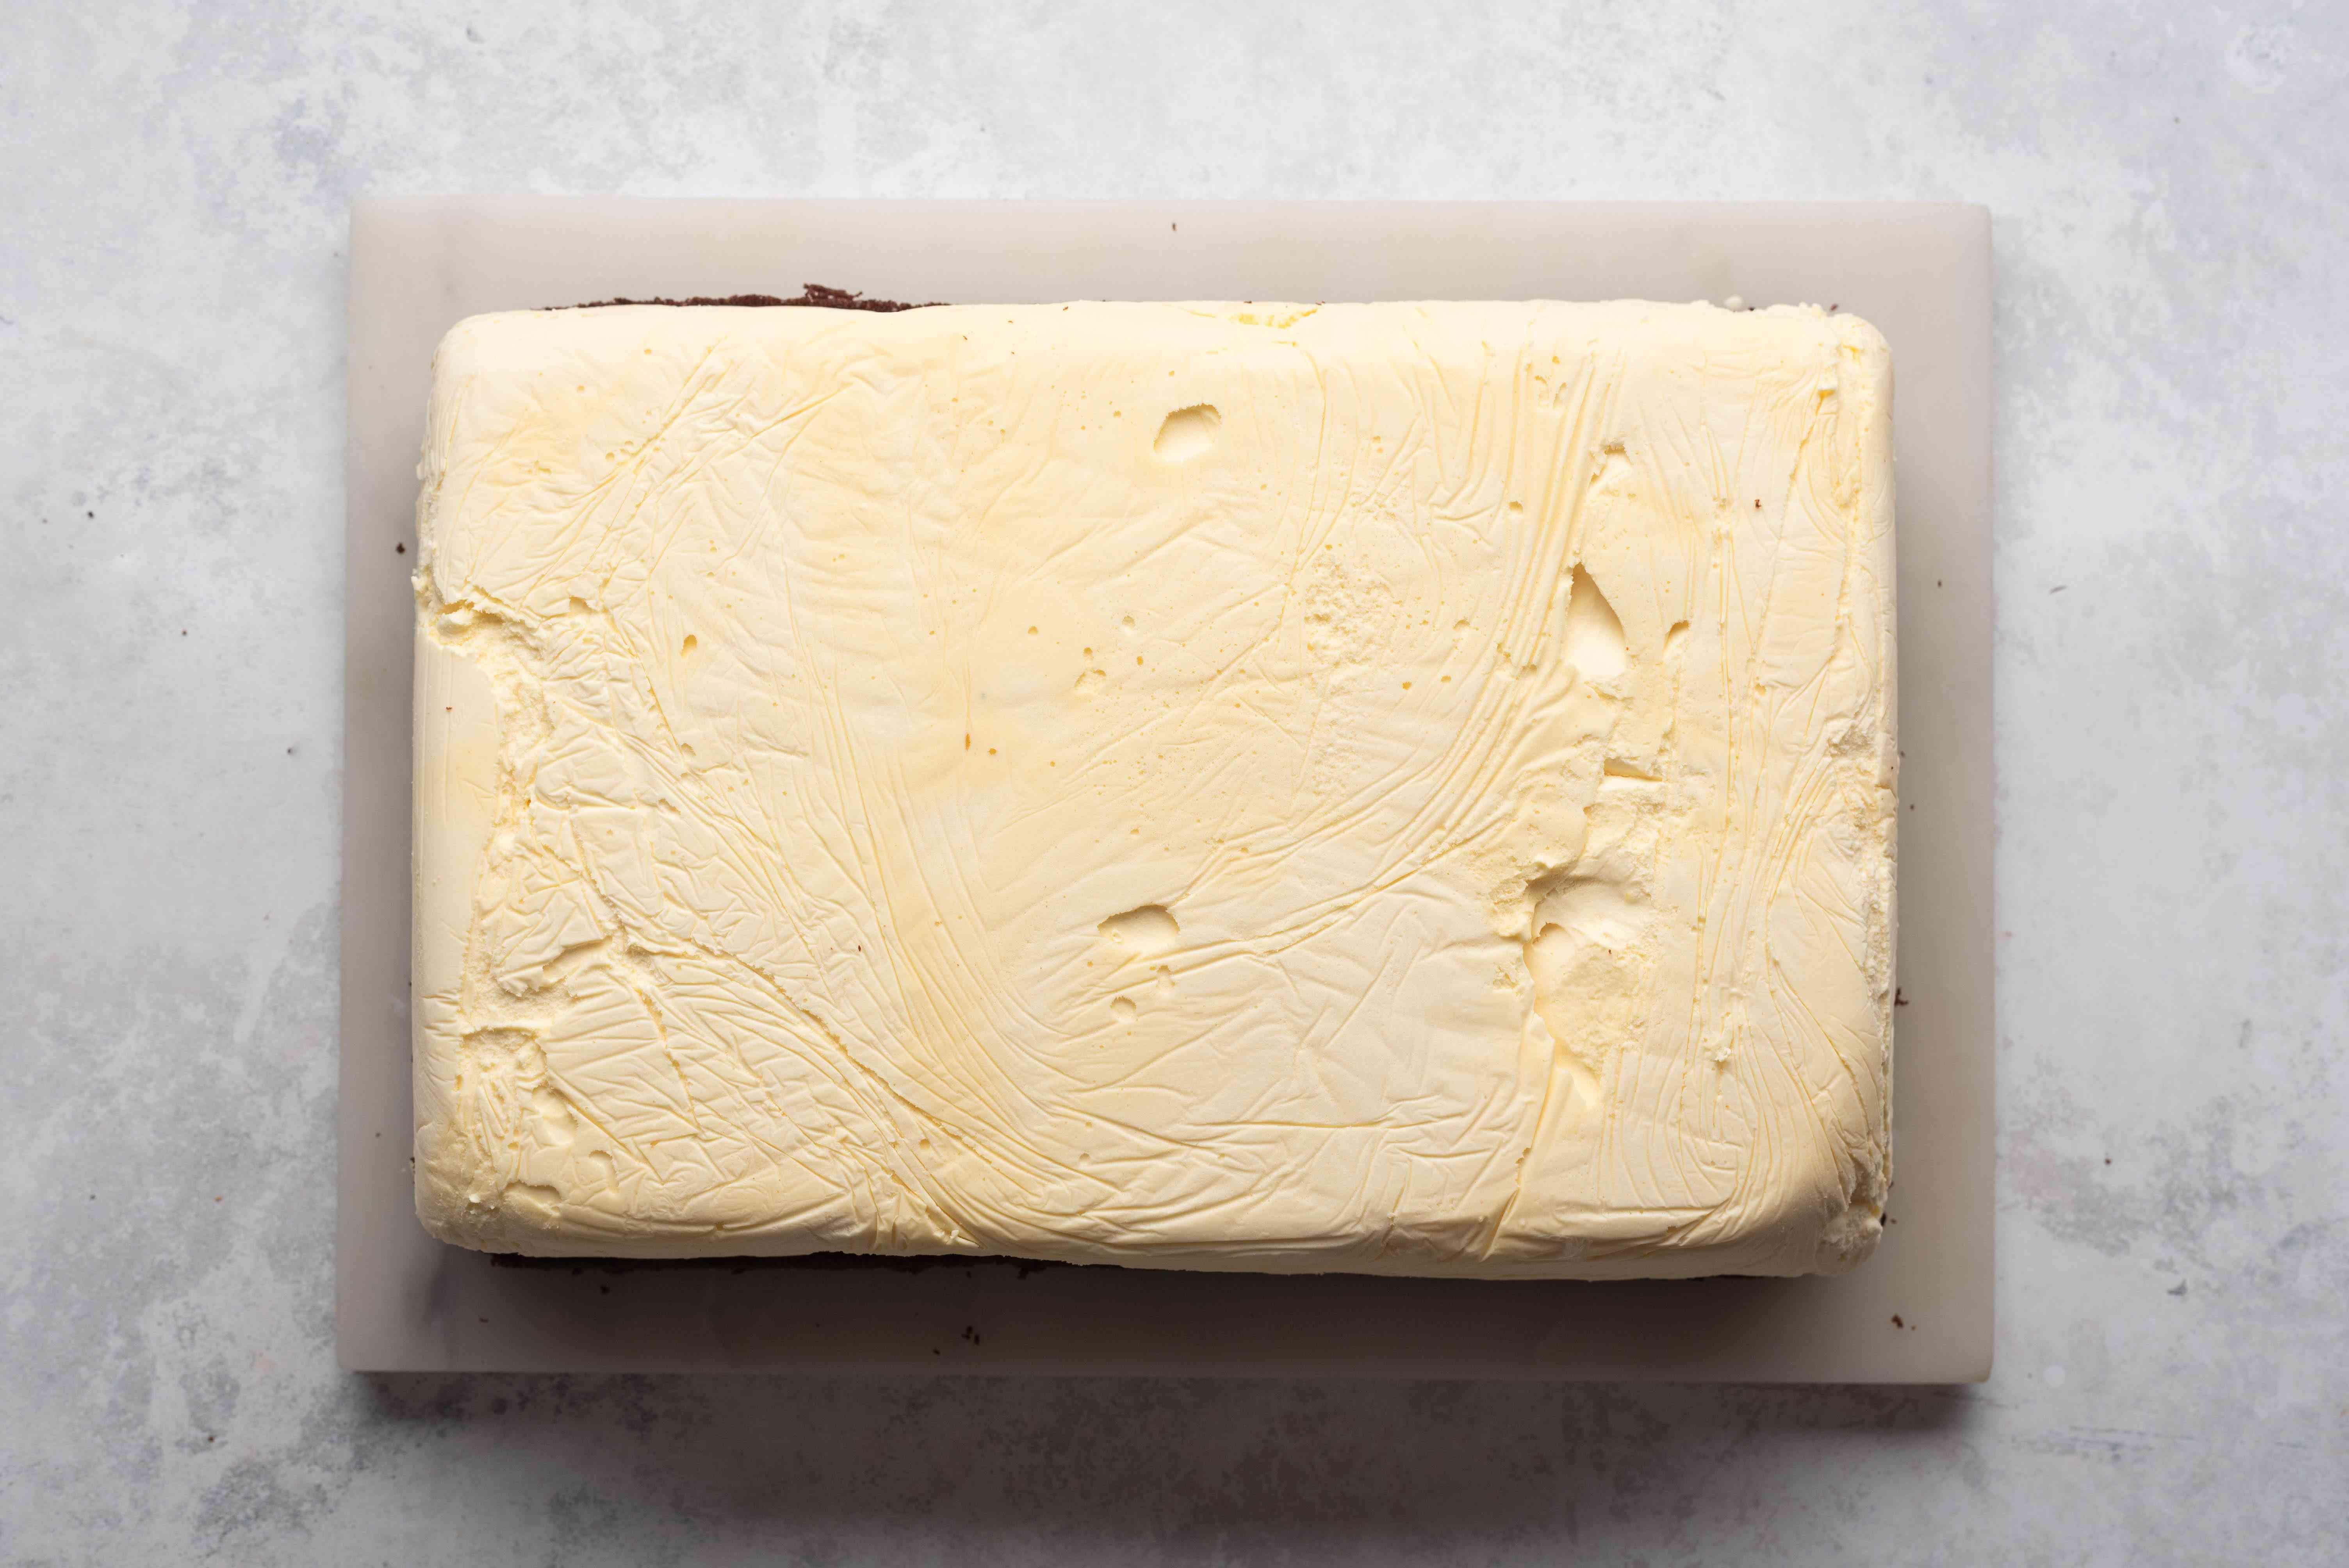 ice cream on top of cake